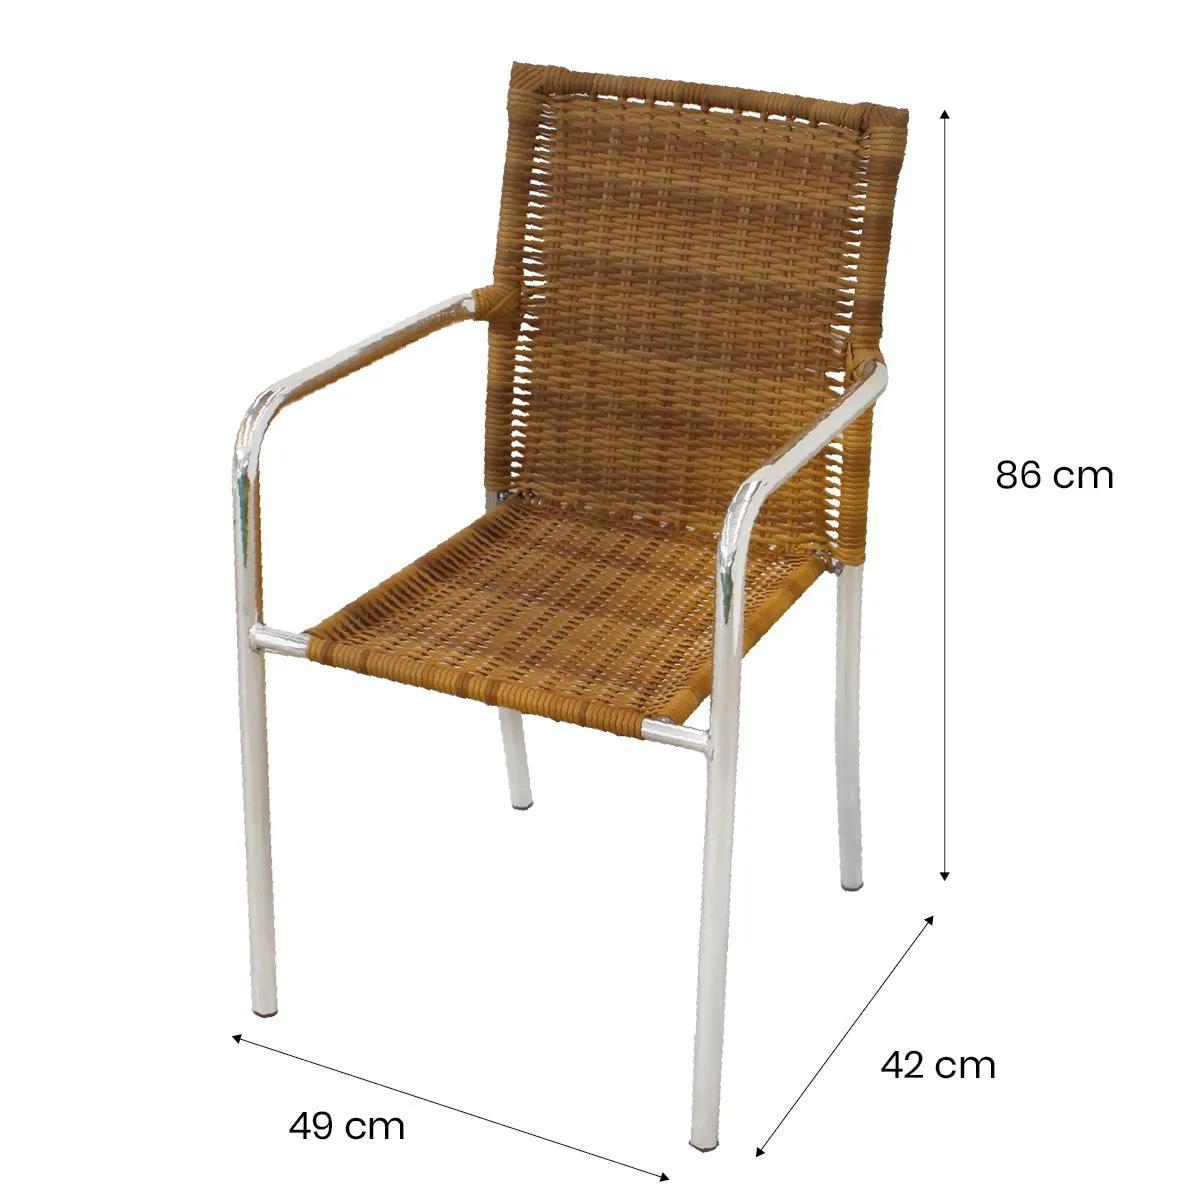 CR04 - Cadeira em Alumínio e Fibra Sintética 6mm